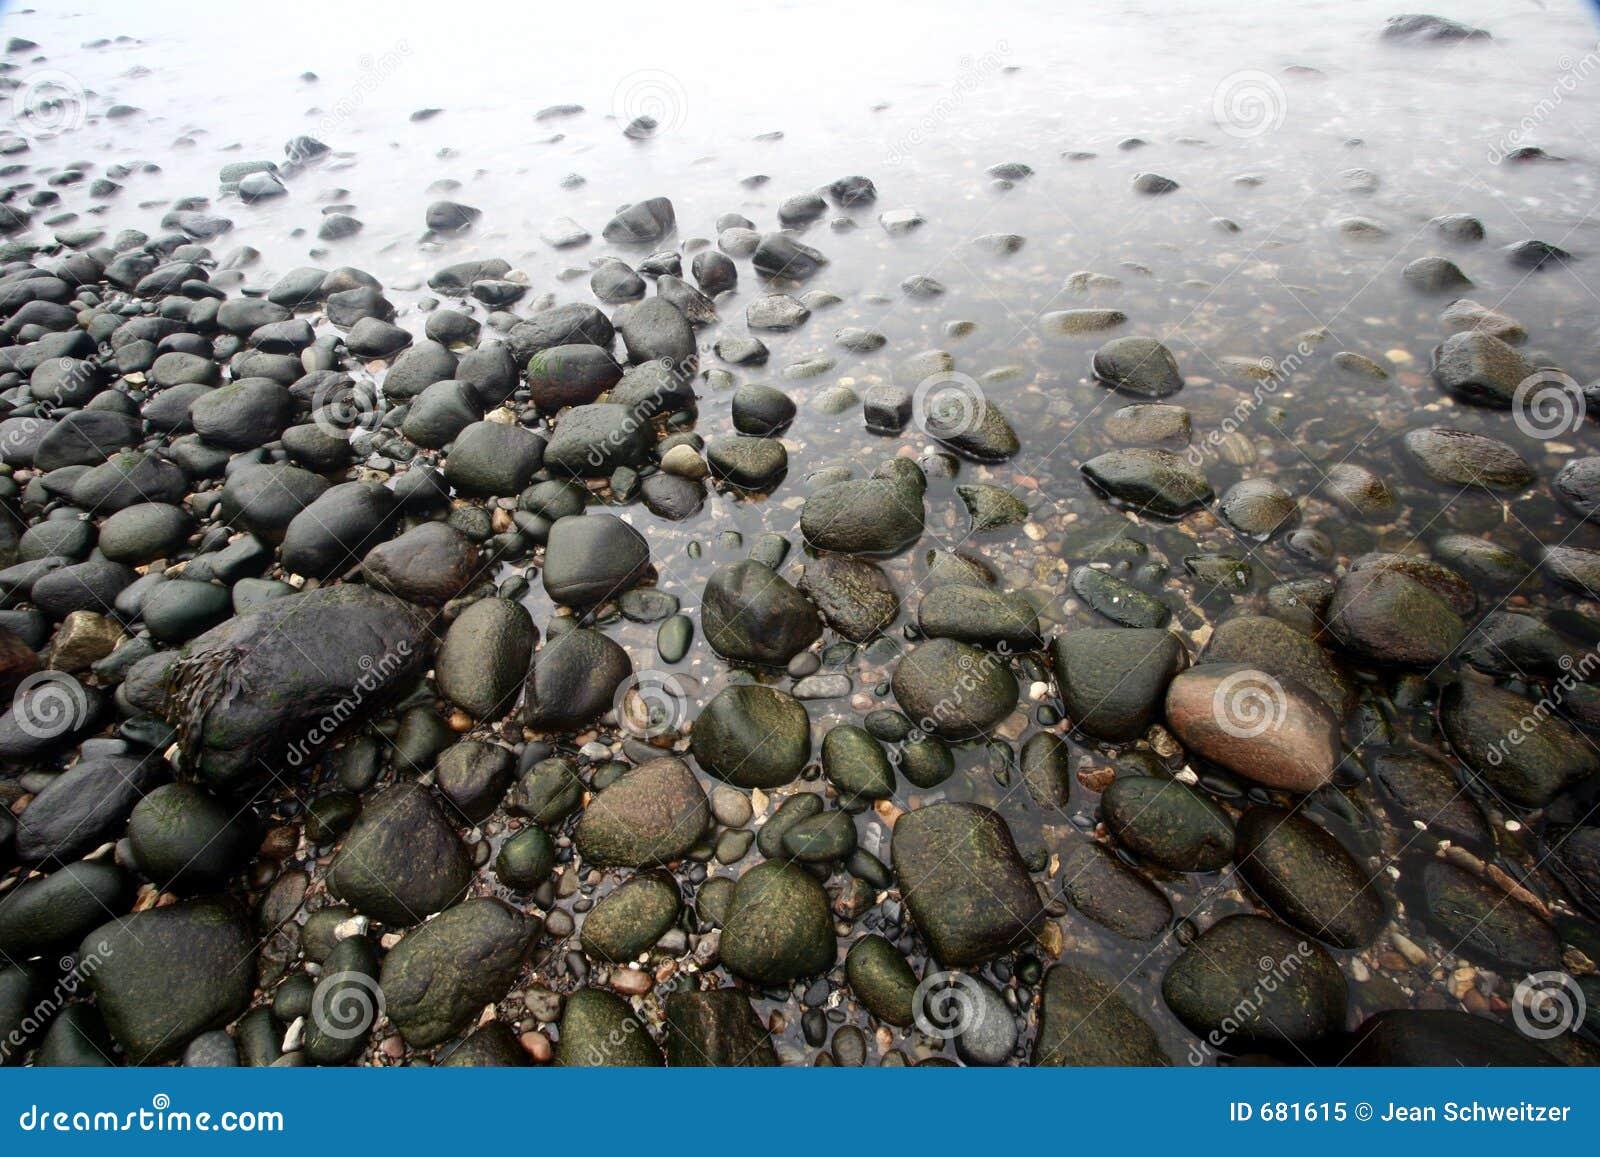 on stones ocean - photo #9